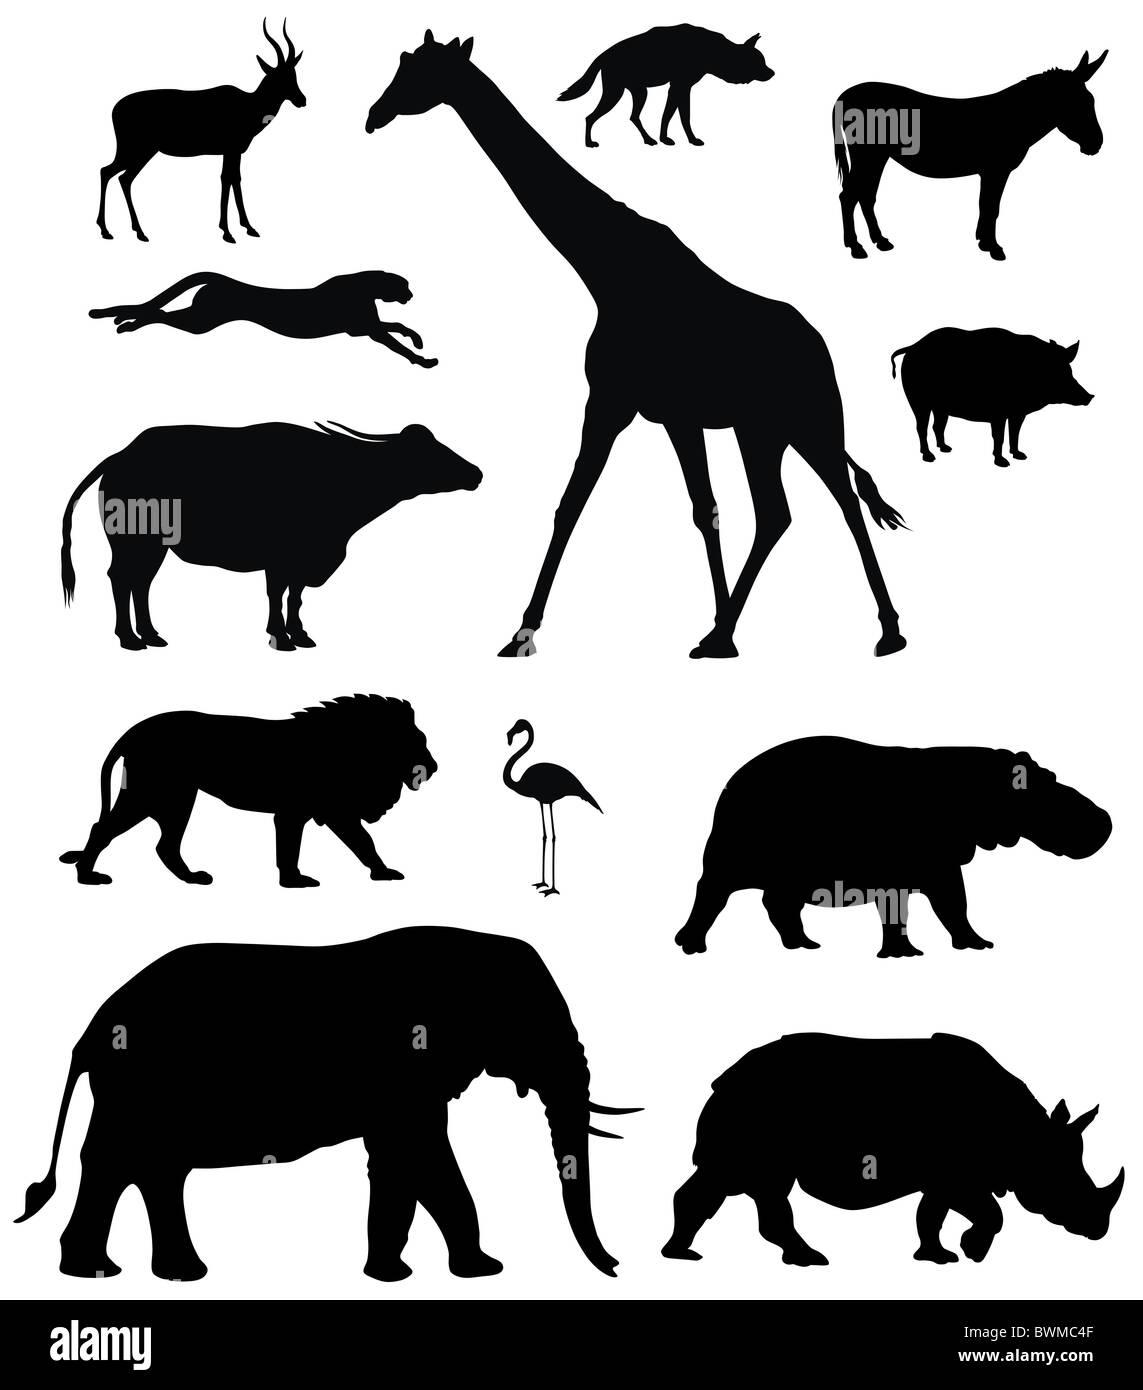 Darstellung der afrikanischen Tiere Silhouetten Stockbild